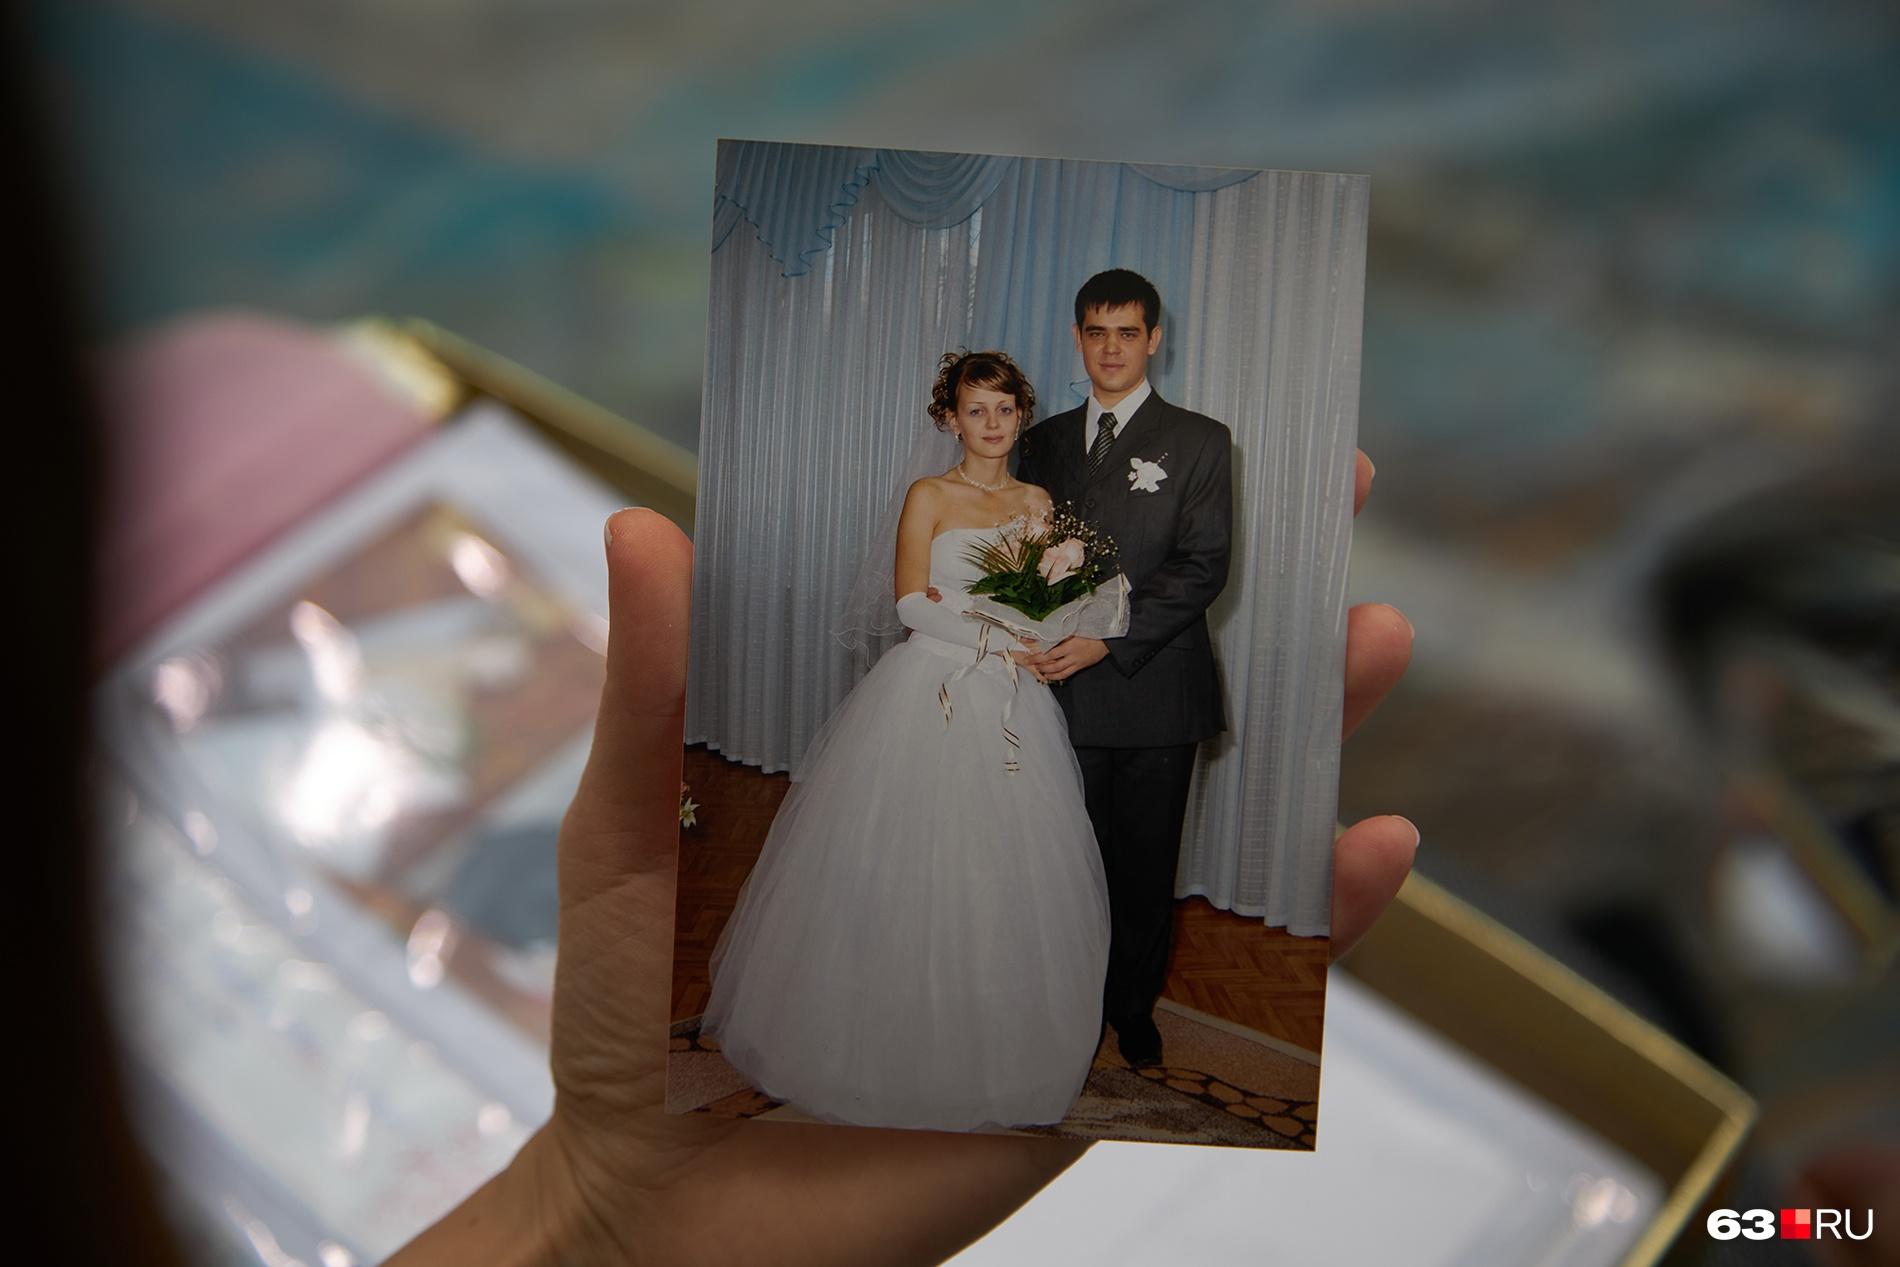 Мария и Василий решили пожениться через полтора месяца после знакомства, до самой свадьбы прошло четыре